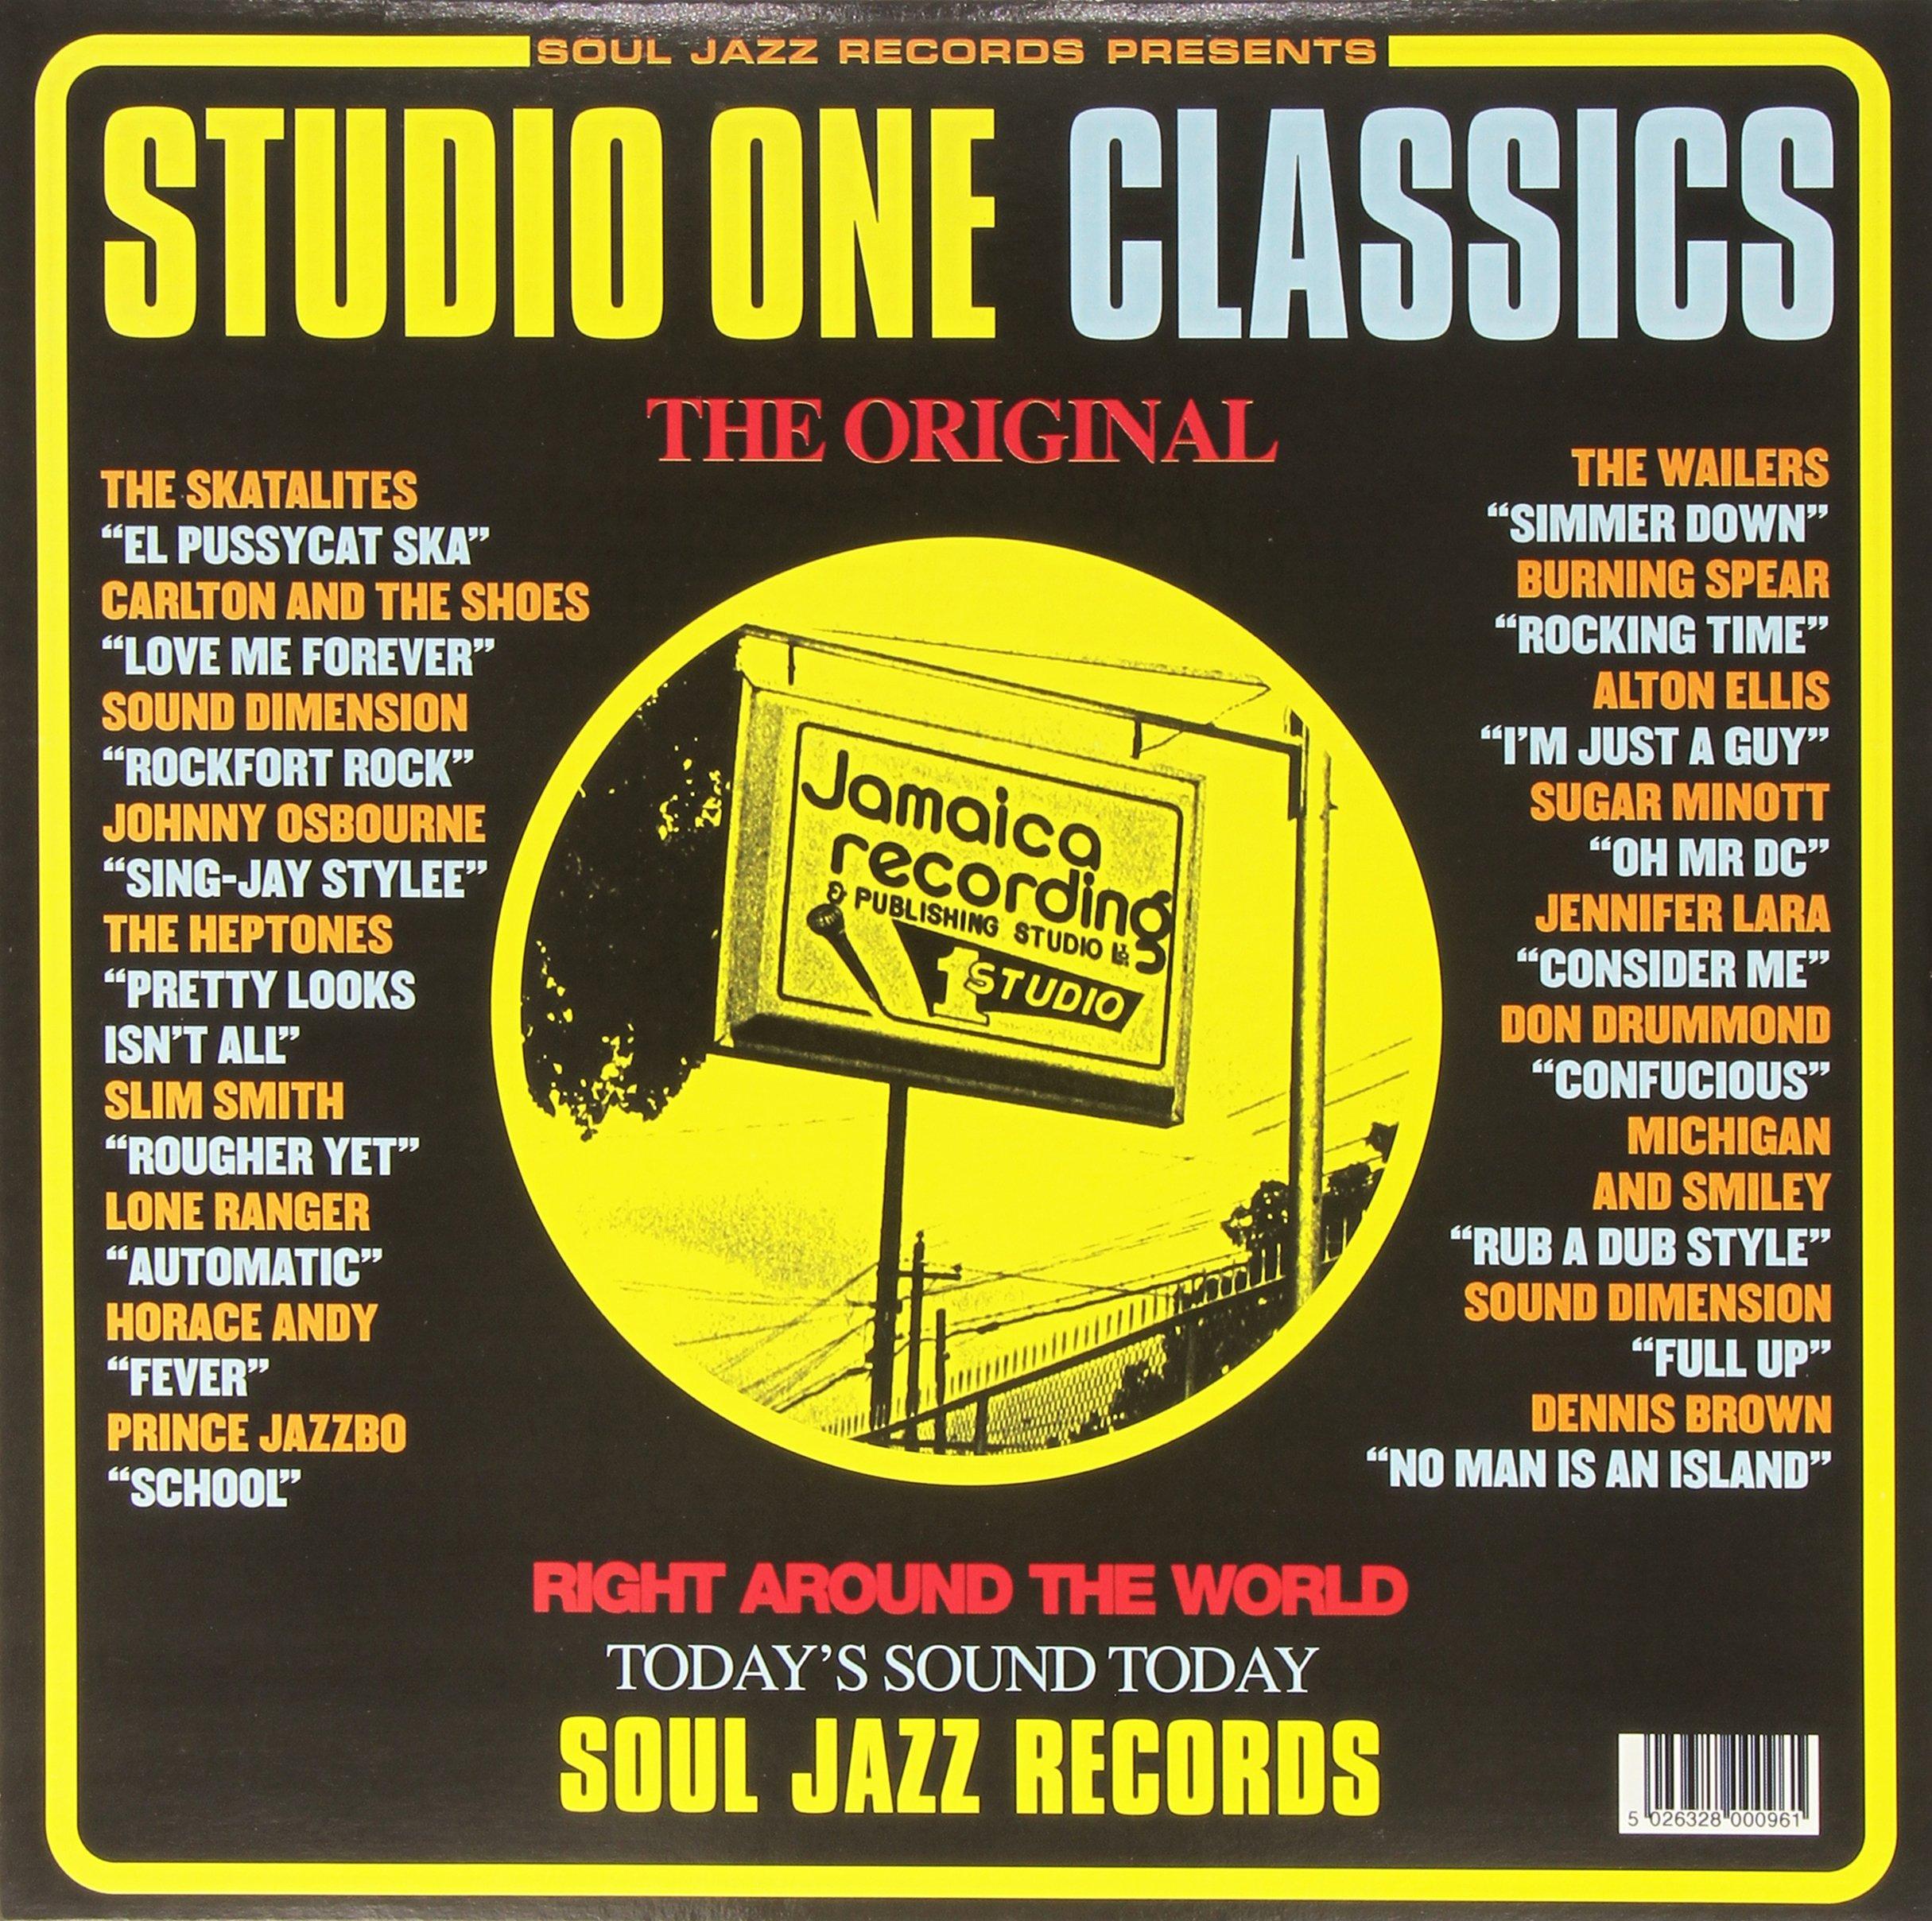 Studio One Classics [Vinyl] by VINYL